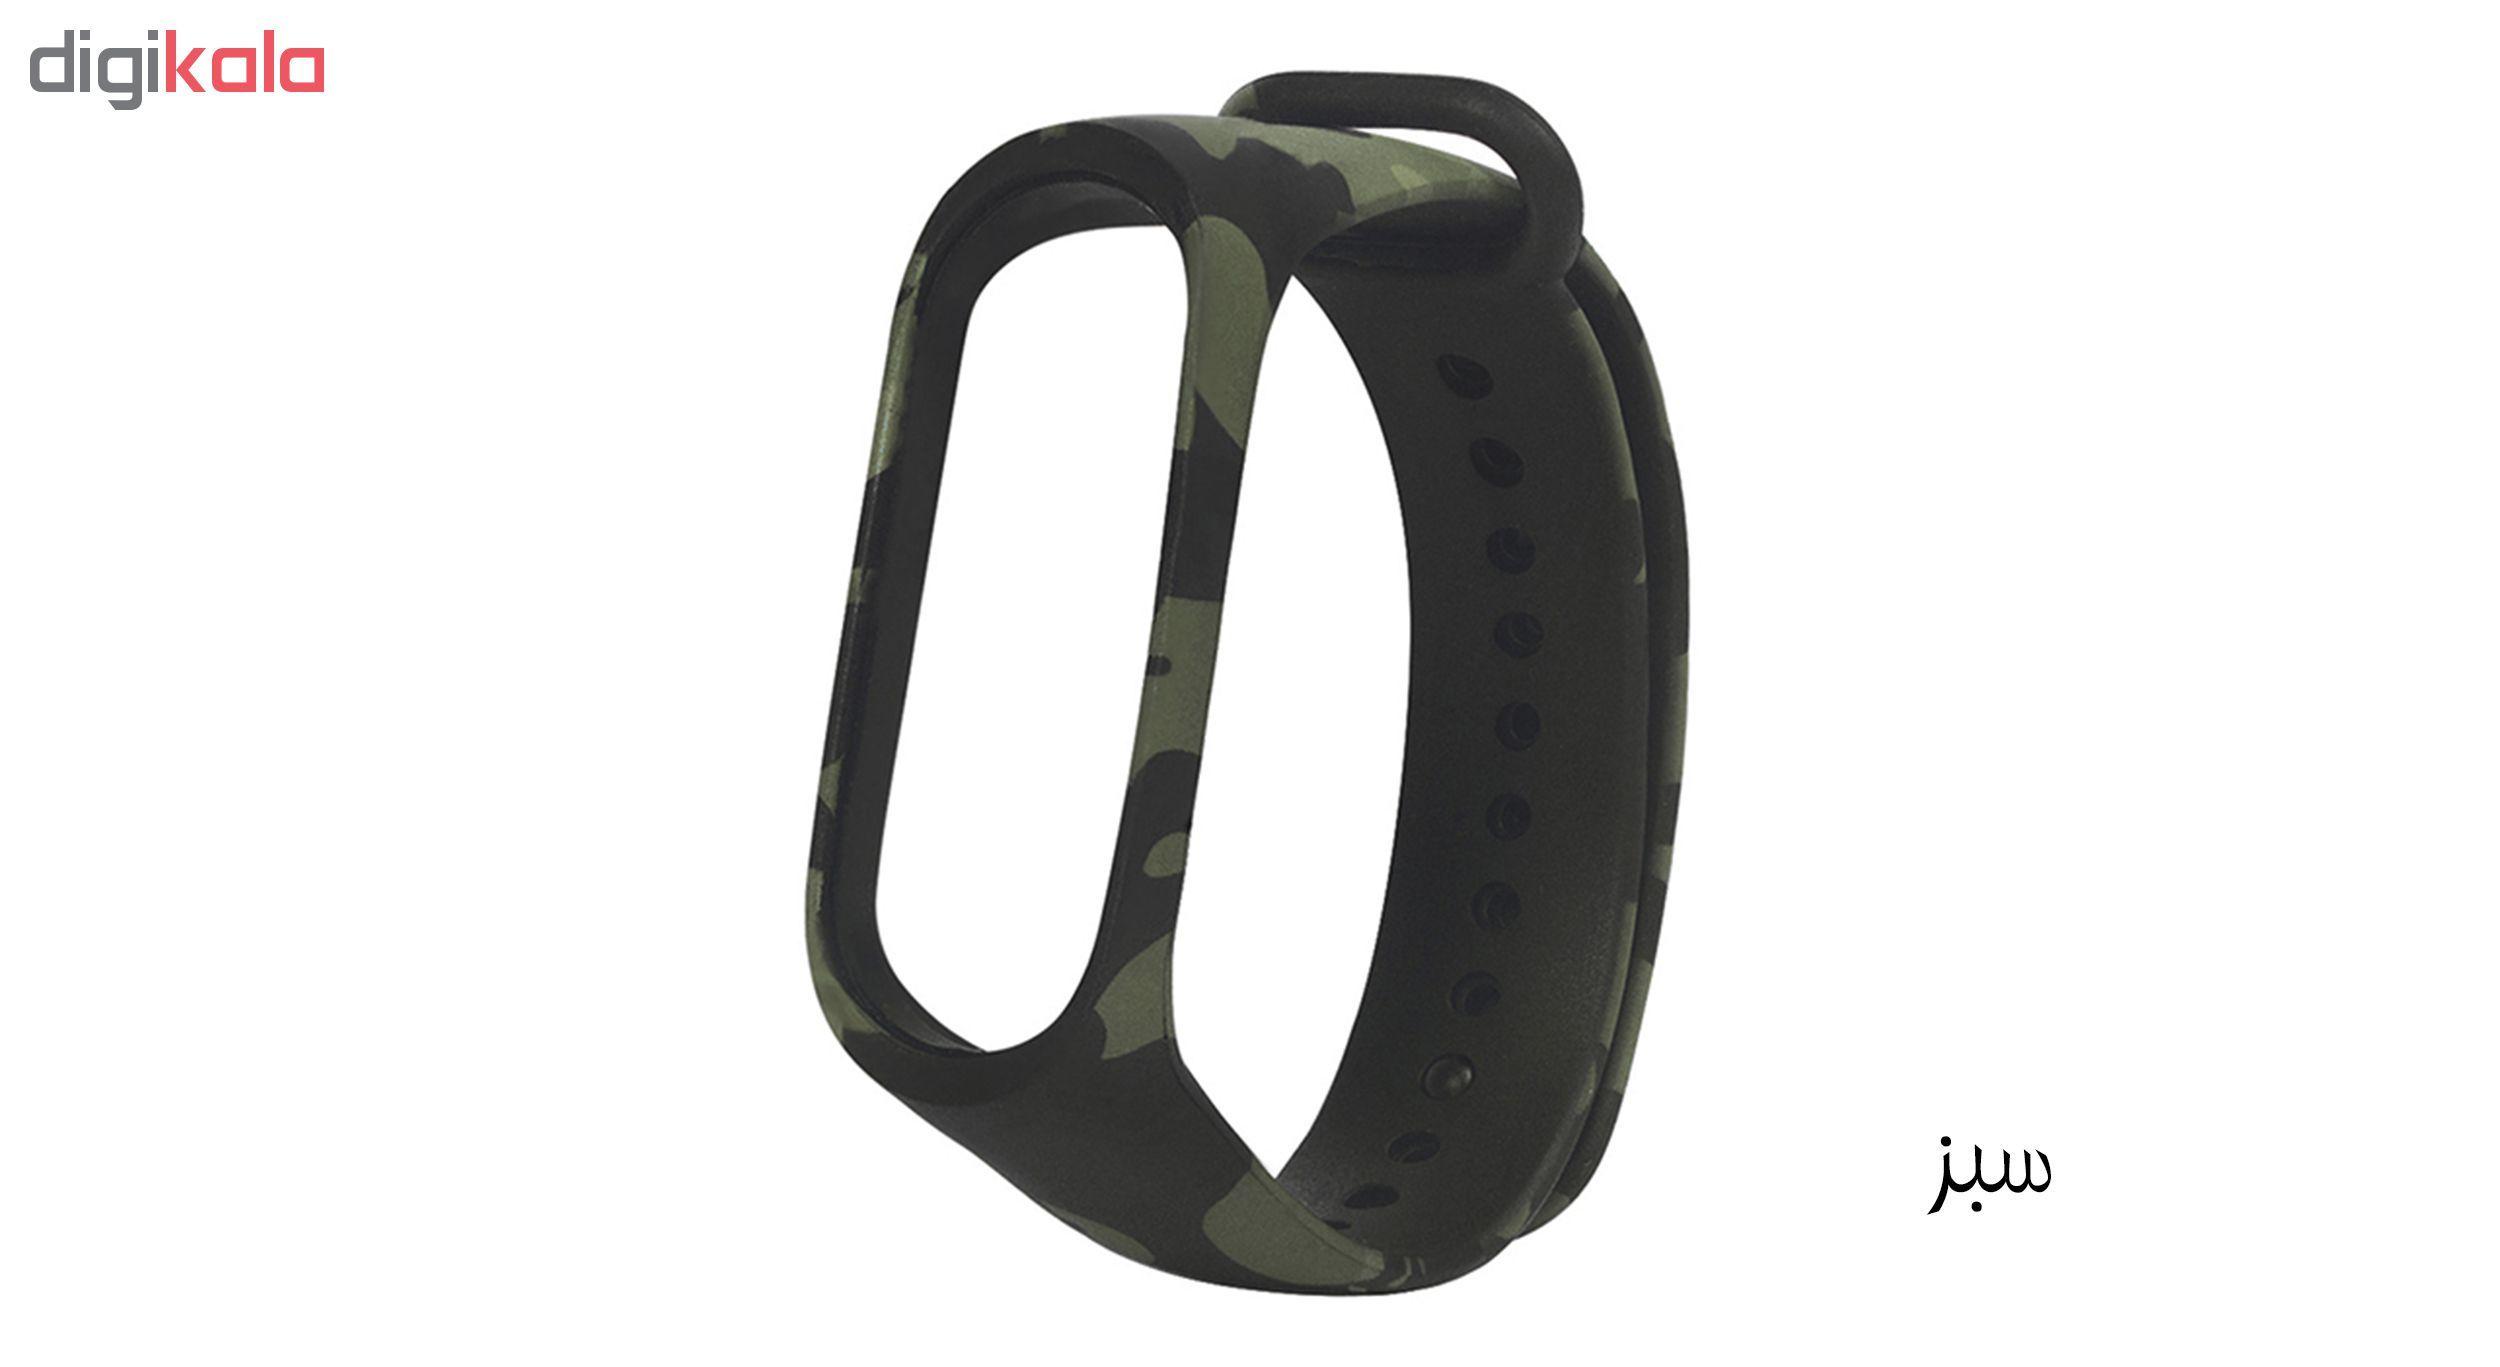 بند مچ بند هوشمند سومگ مدل SMG-S3 مناسب برای مچ بند هوشمند شیائومی Mi Band 4 main 1 3